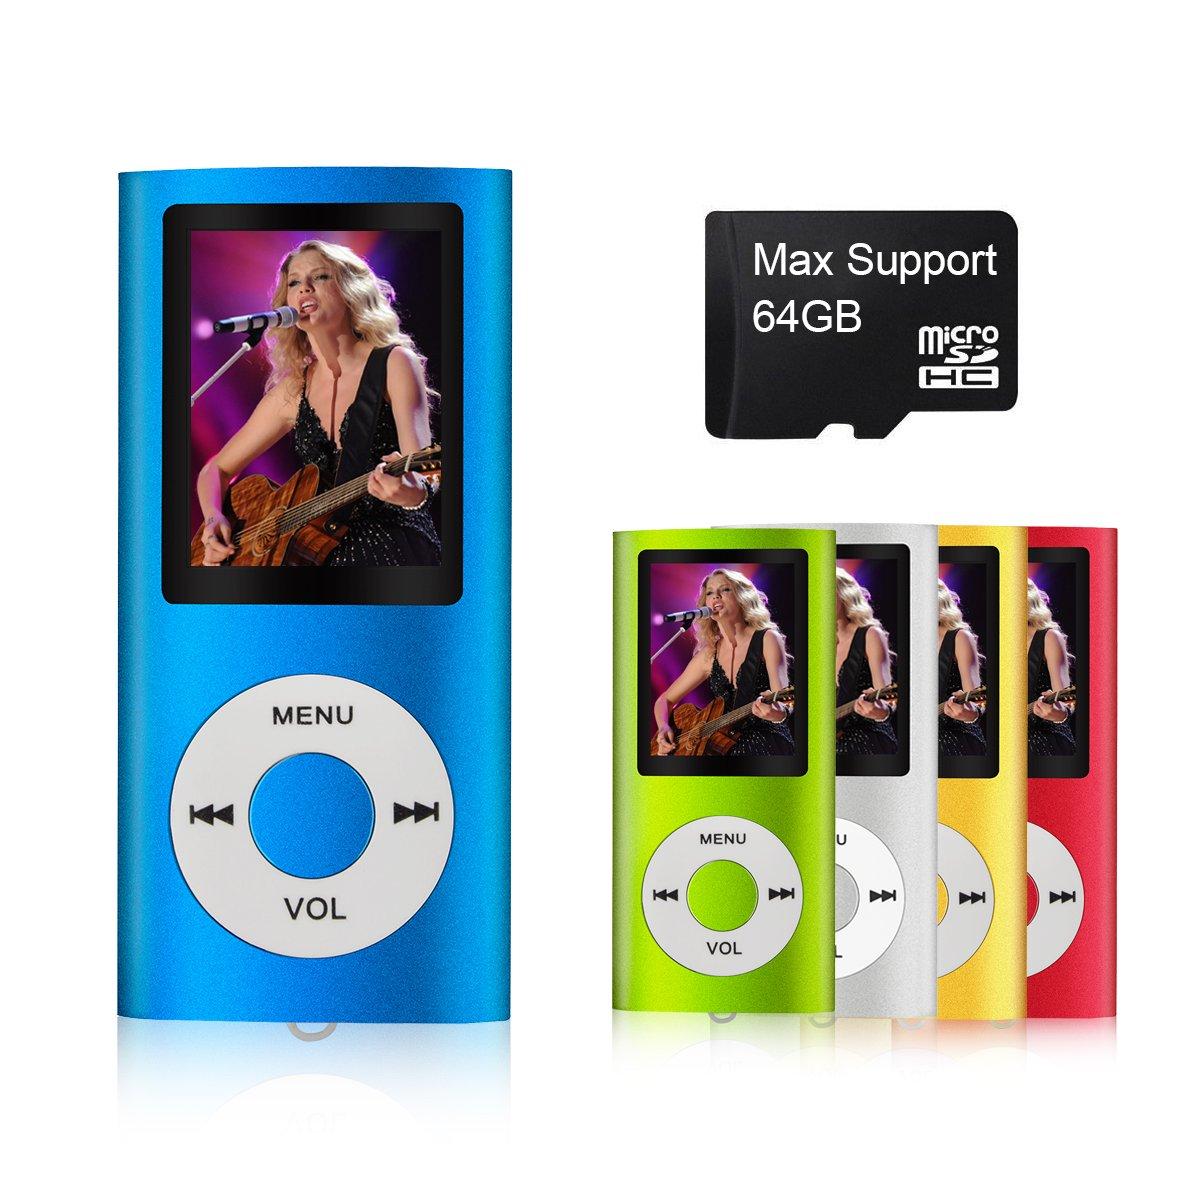 Mymahdi – Digital, compact et portable Lecteur MP3 MP4 (max support 64 Go 583b9717c5fb